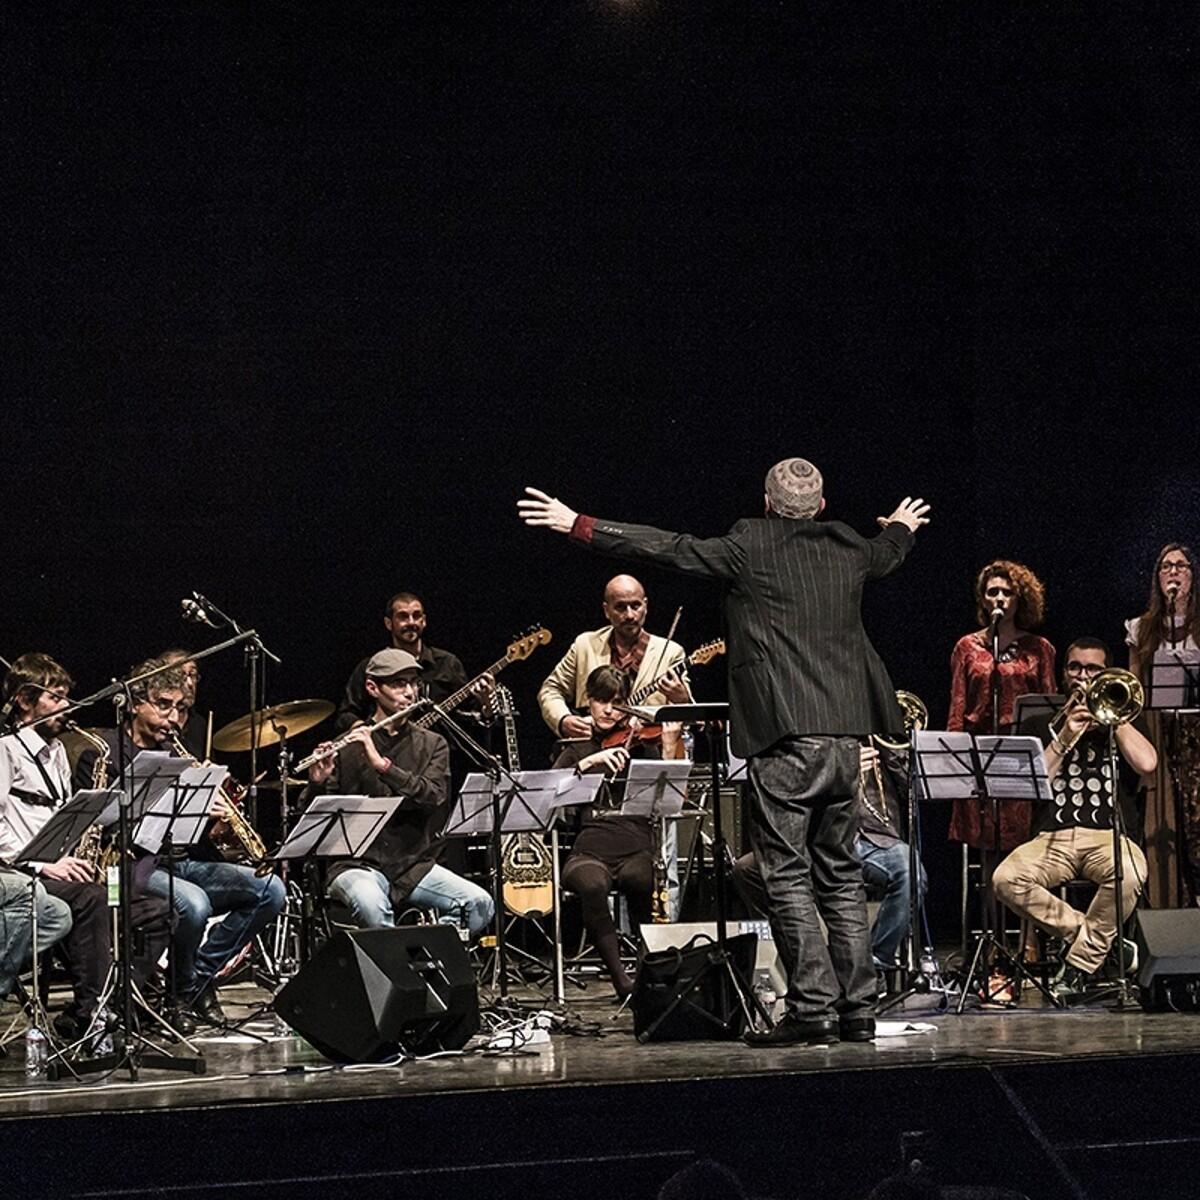 Sabato intenso per il Piacenza Jazz Fest tra  presentazioni di libri, conferenze e il concerto serale